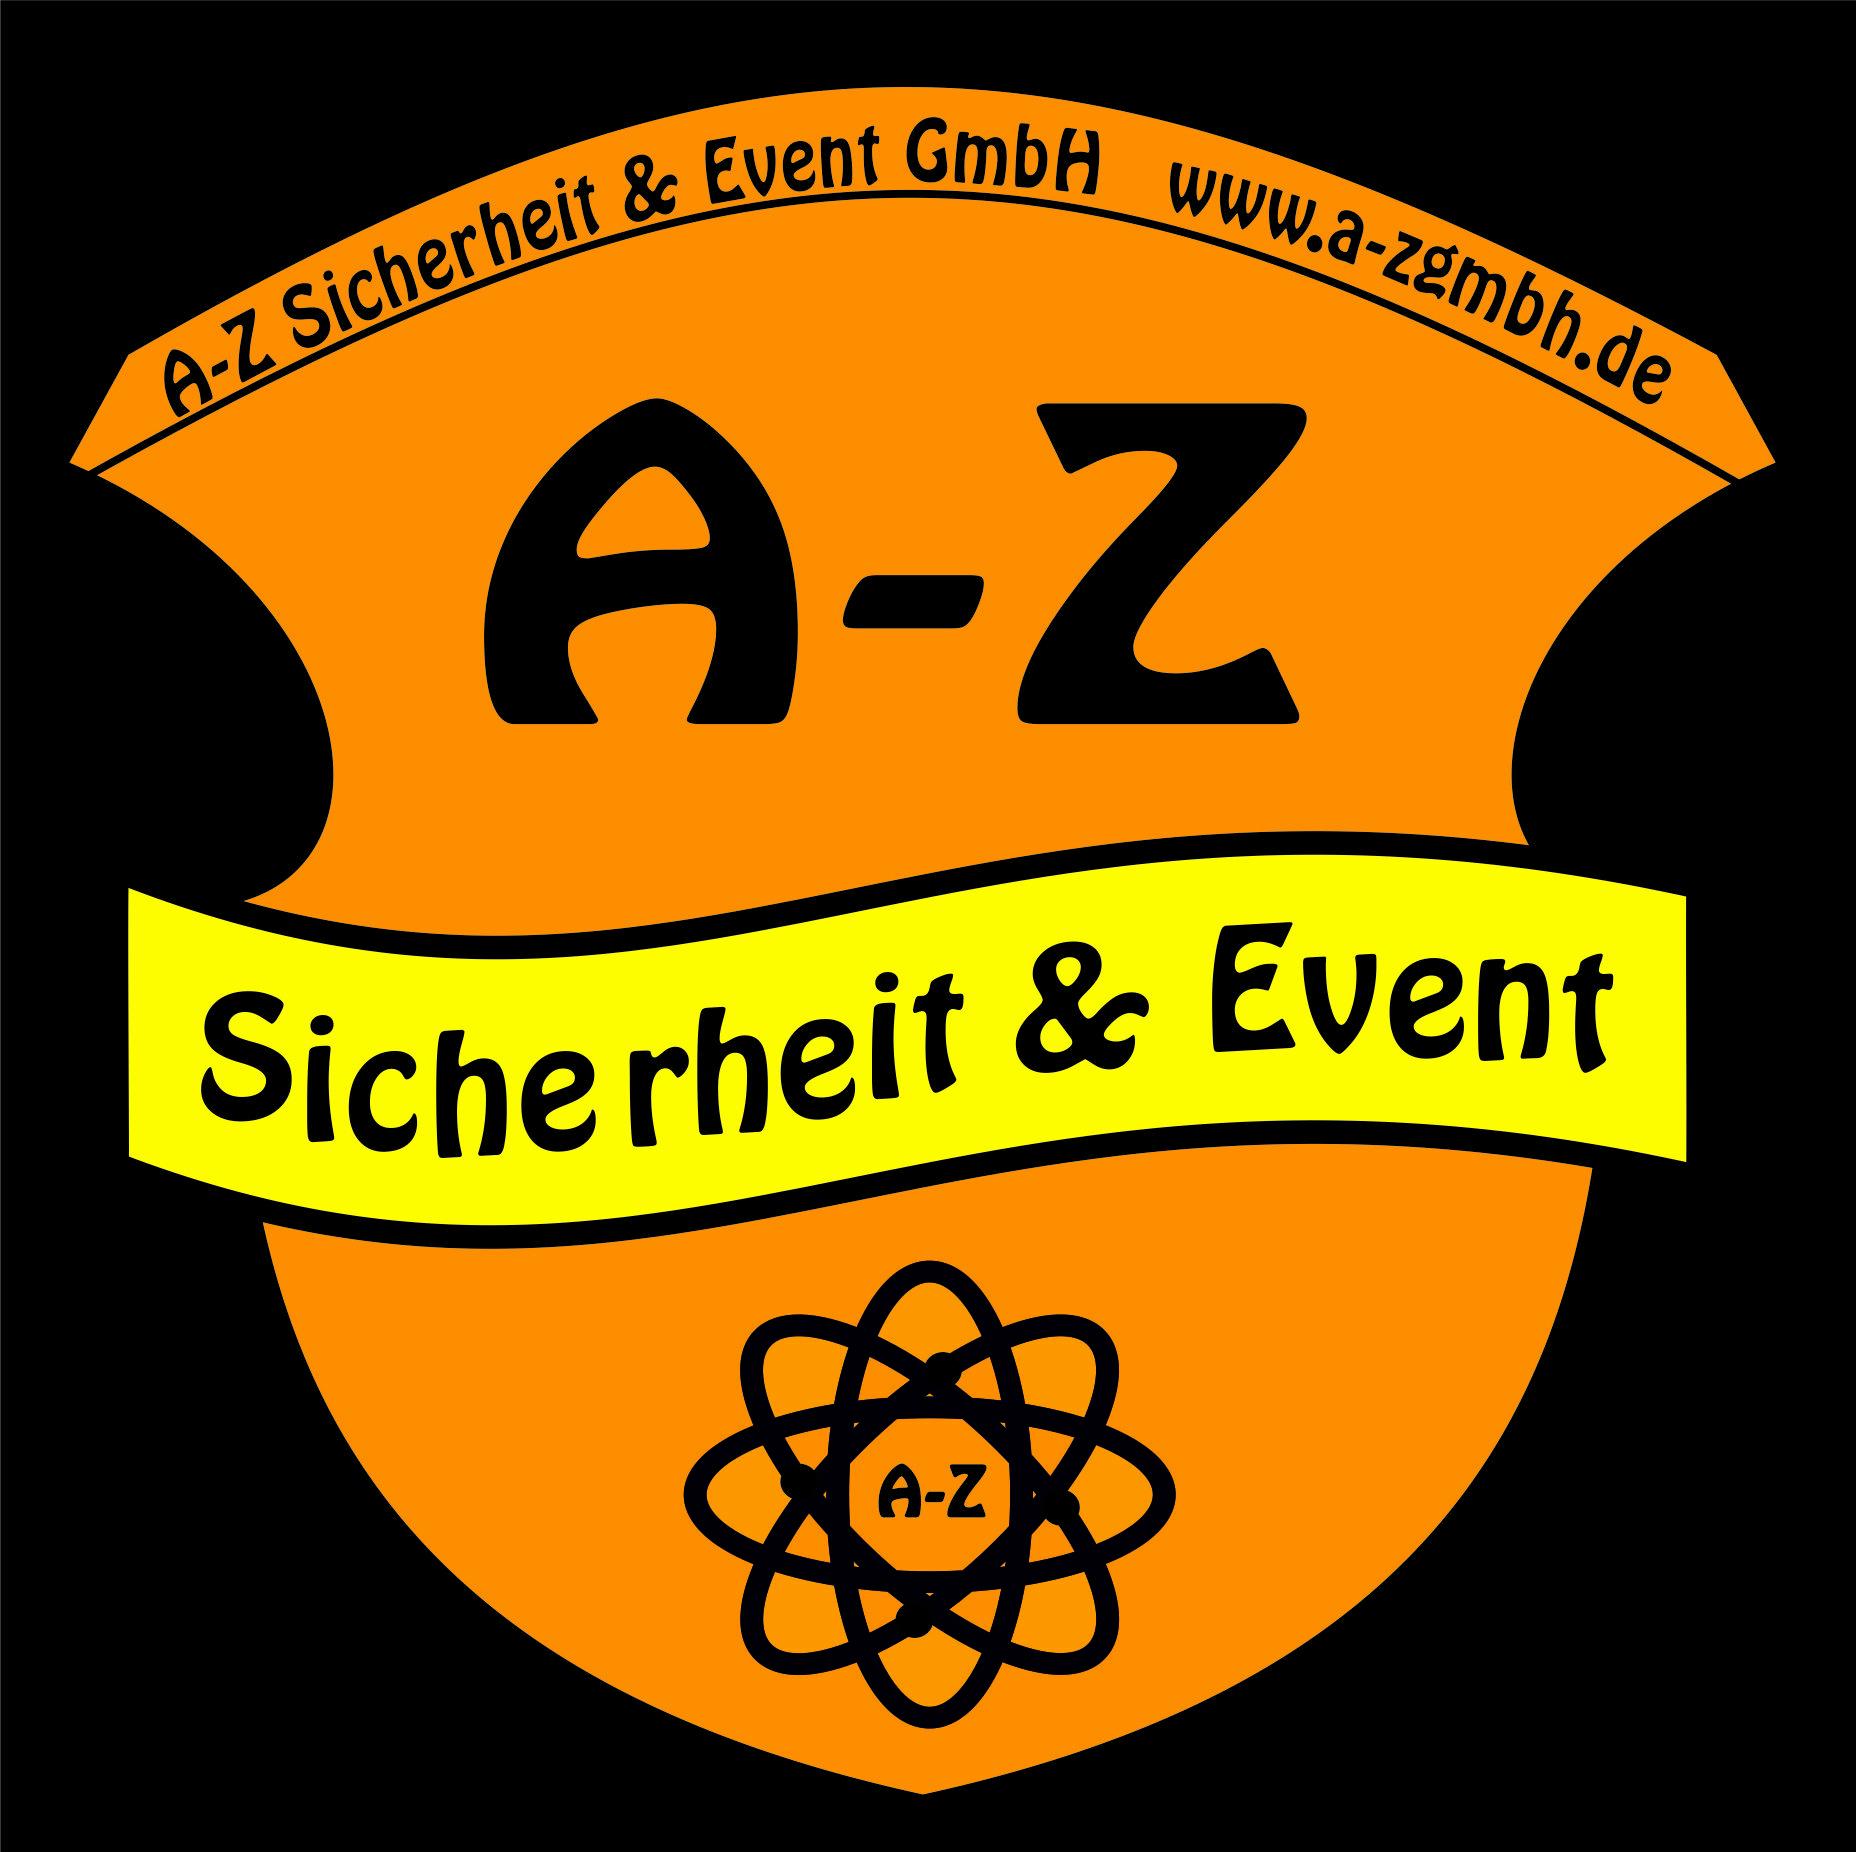 A-Z Sicherheit & Event GmbH